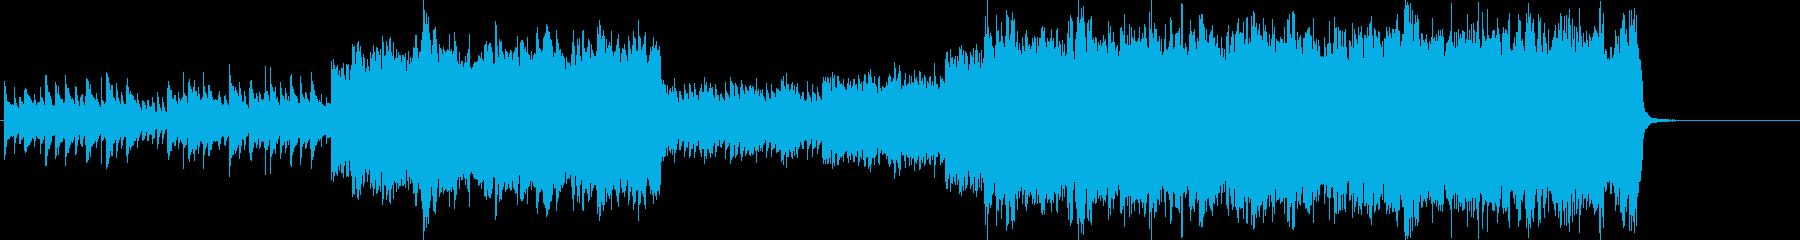 壮大で感動的なバラードの再生済みの波形